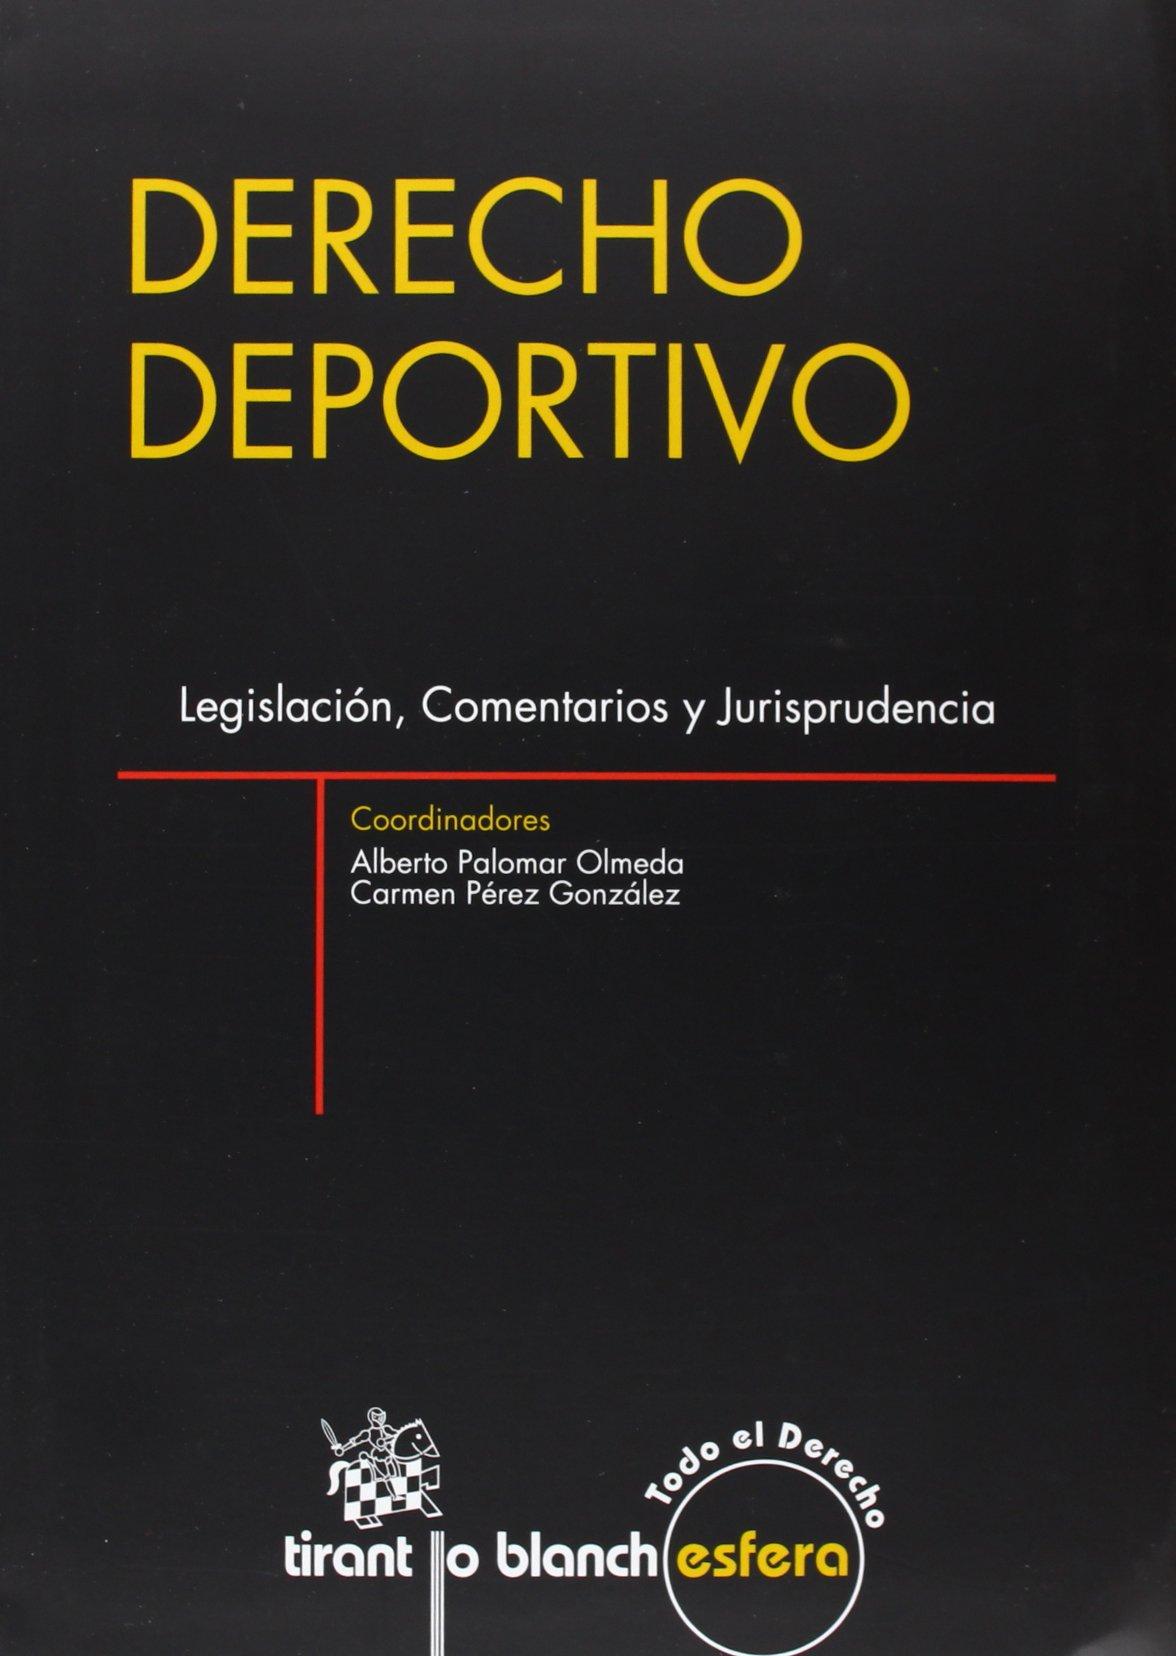 Derecho deportivo : legislación, comentarios y jurisprudencia / Alberto Palomar Olmeda, Carmen Pérez González (coord.)